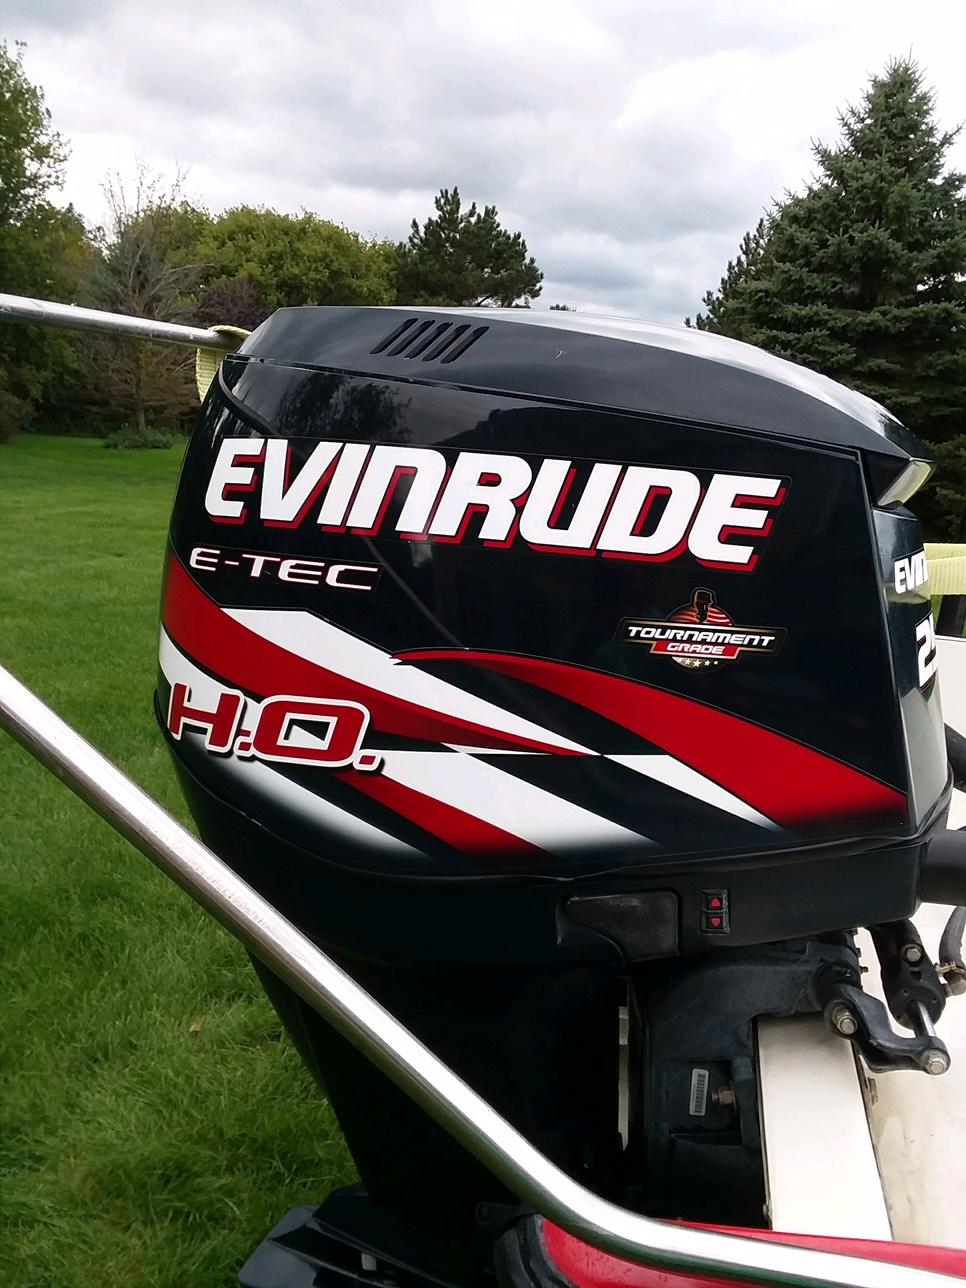 SOLD - 2013 Evinrude E-TEC 250 H O    Bloodydecks